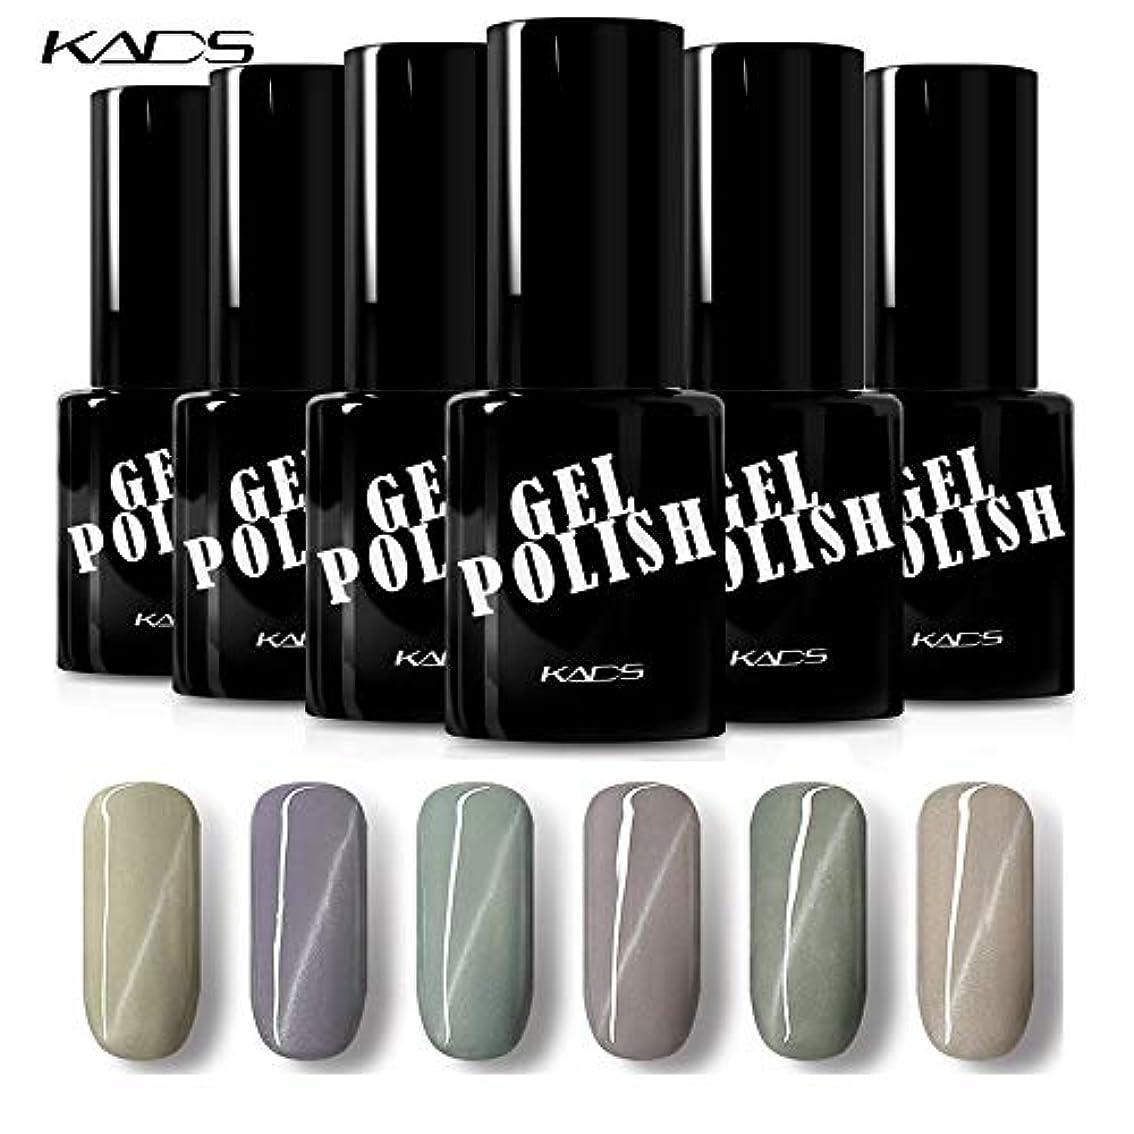 ご飯潜在的な電気陽性KADS キャッツアイジェルネイルカラー 6色入り グリーン/グレー系 ジェルネイルカラーポリッシュ UV/LED対応 マニキュアセット(セット7)